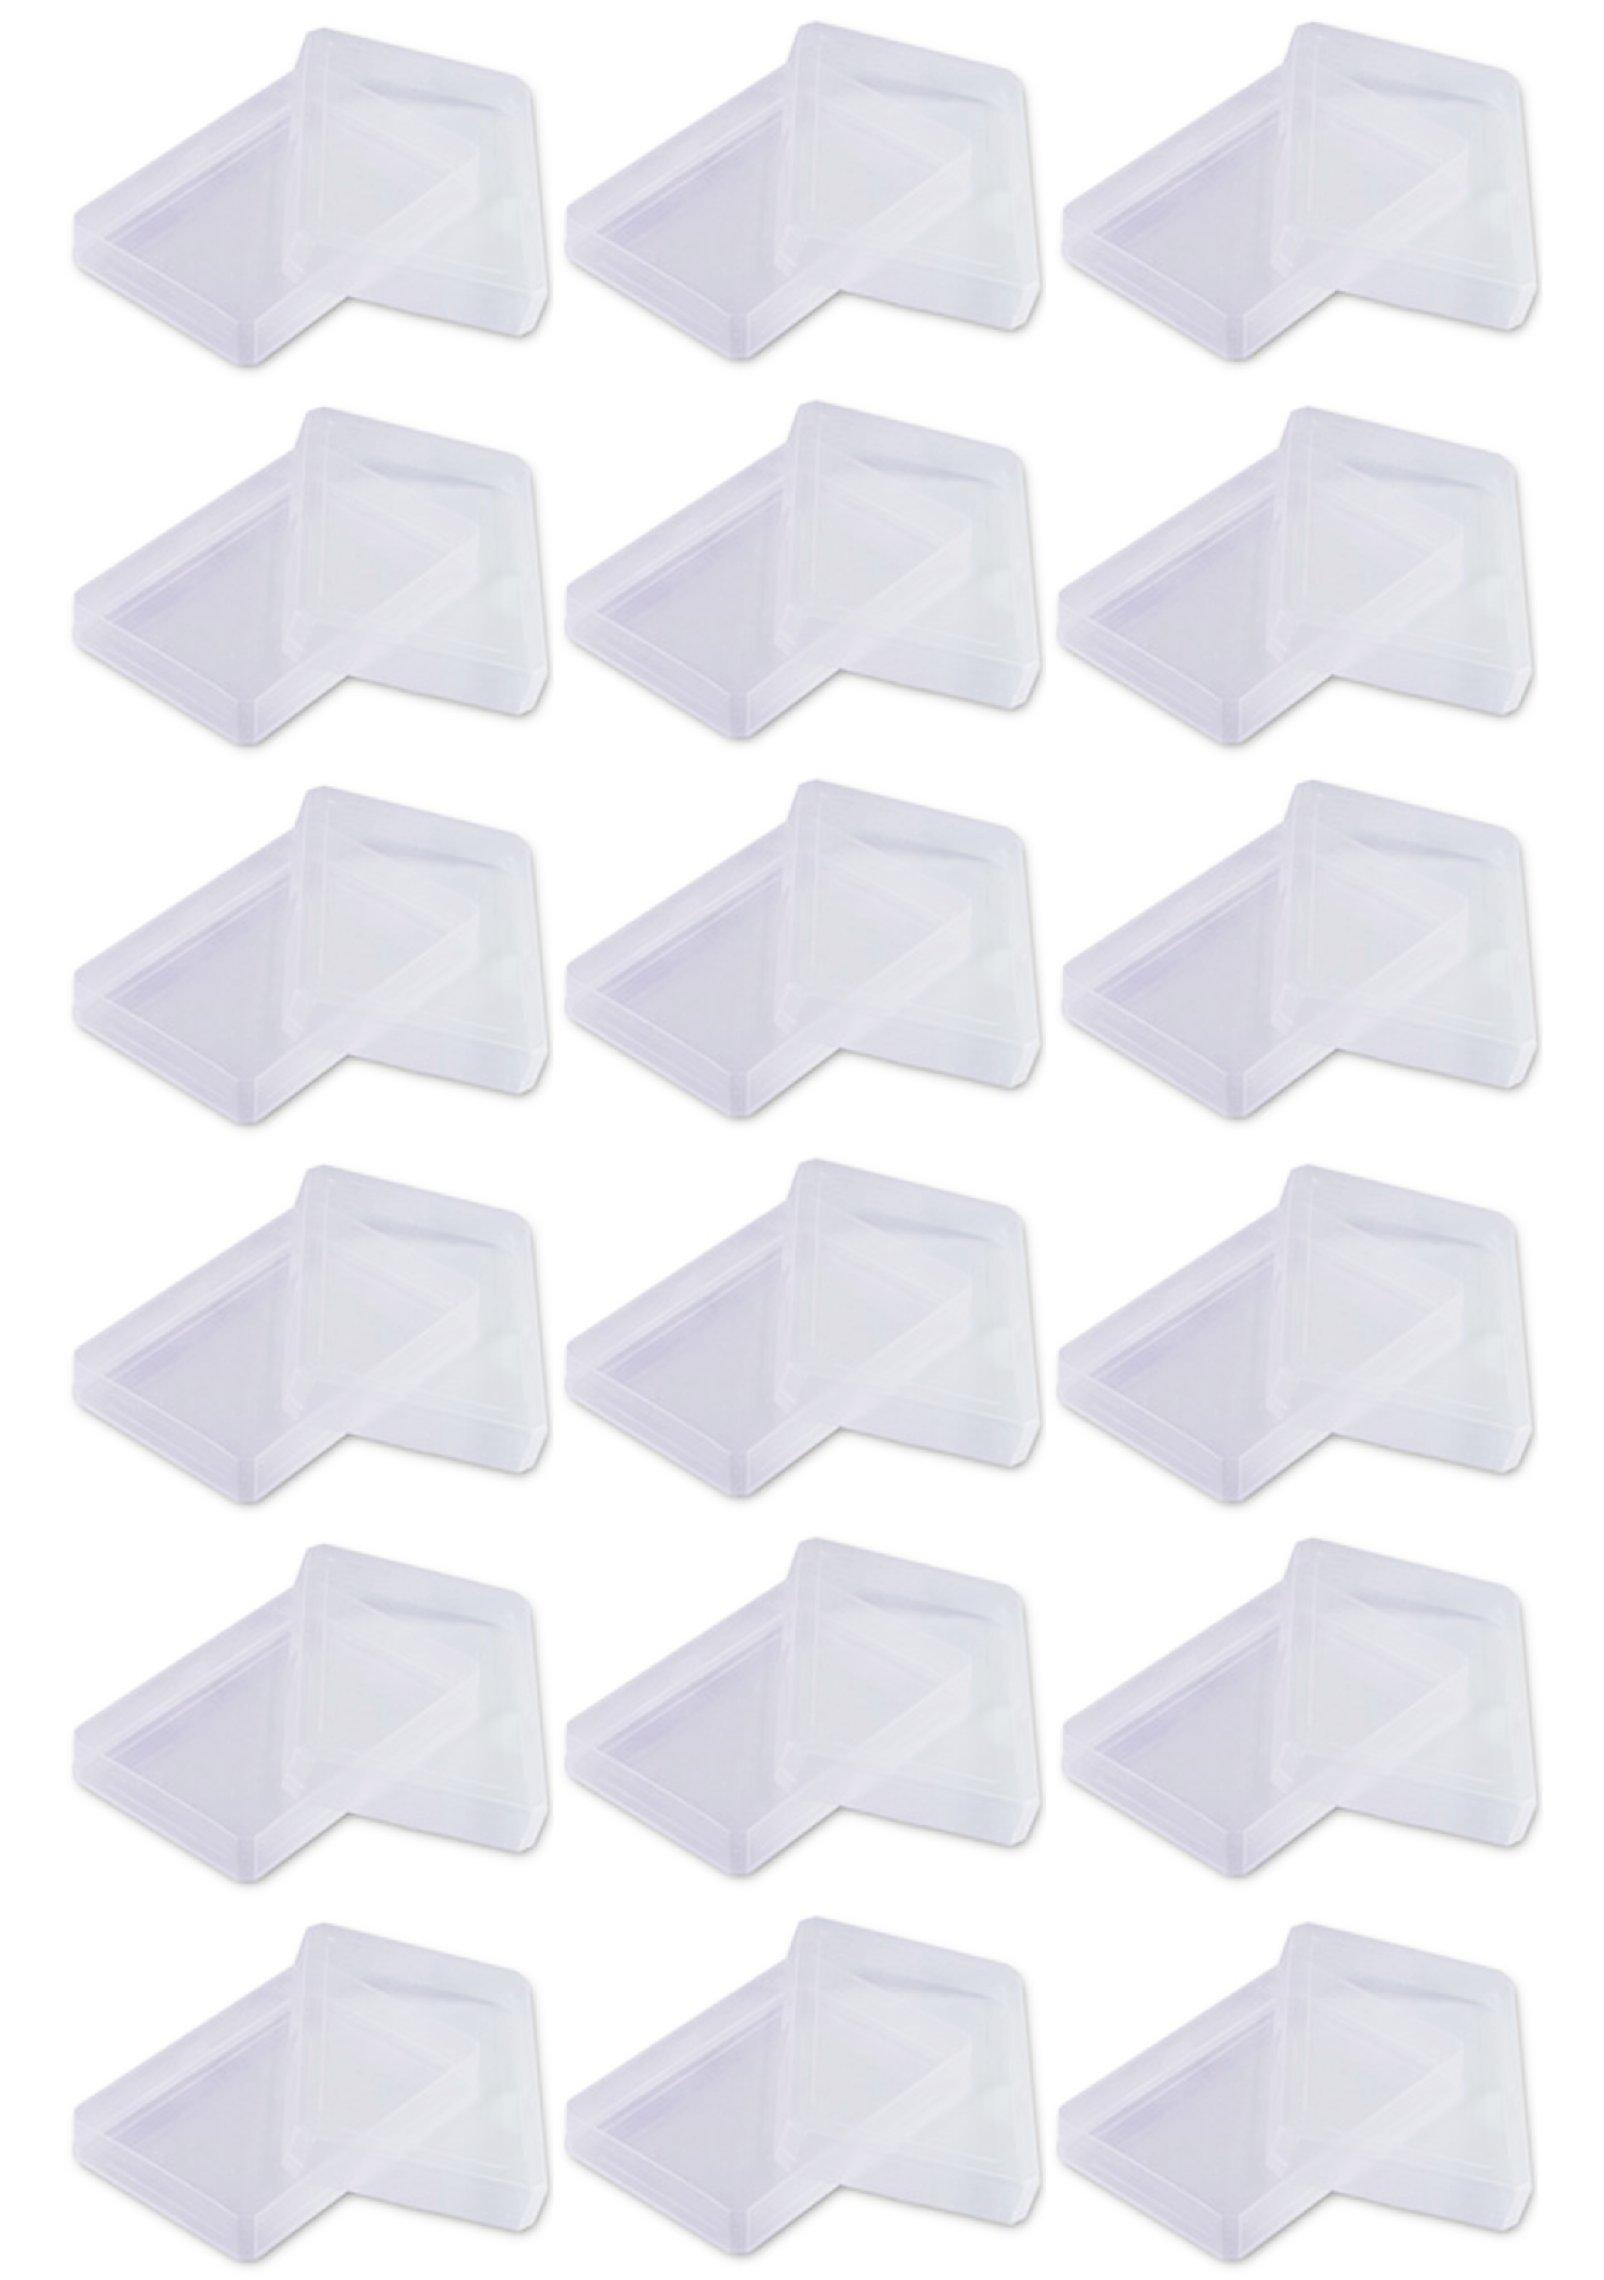 18-x-Kunststoffboxen-Spielkarten-Ordnungshilfen-Gre-97-x-66-x-25-cm-Spielkartenetui-Kartenboxen